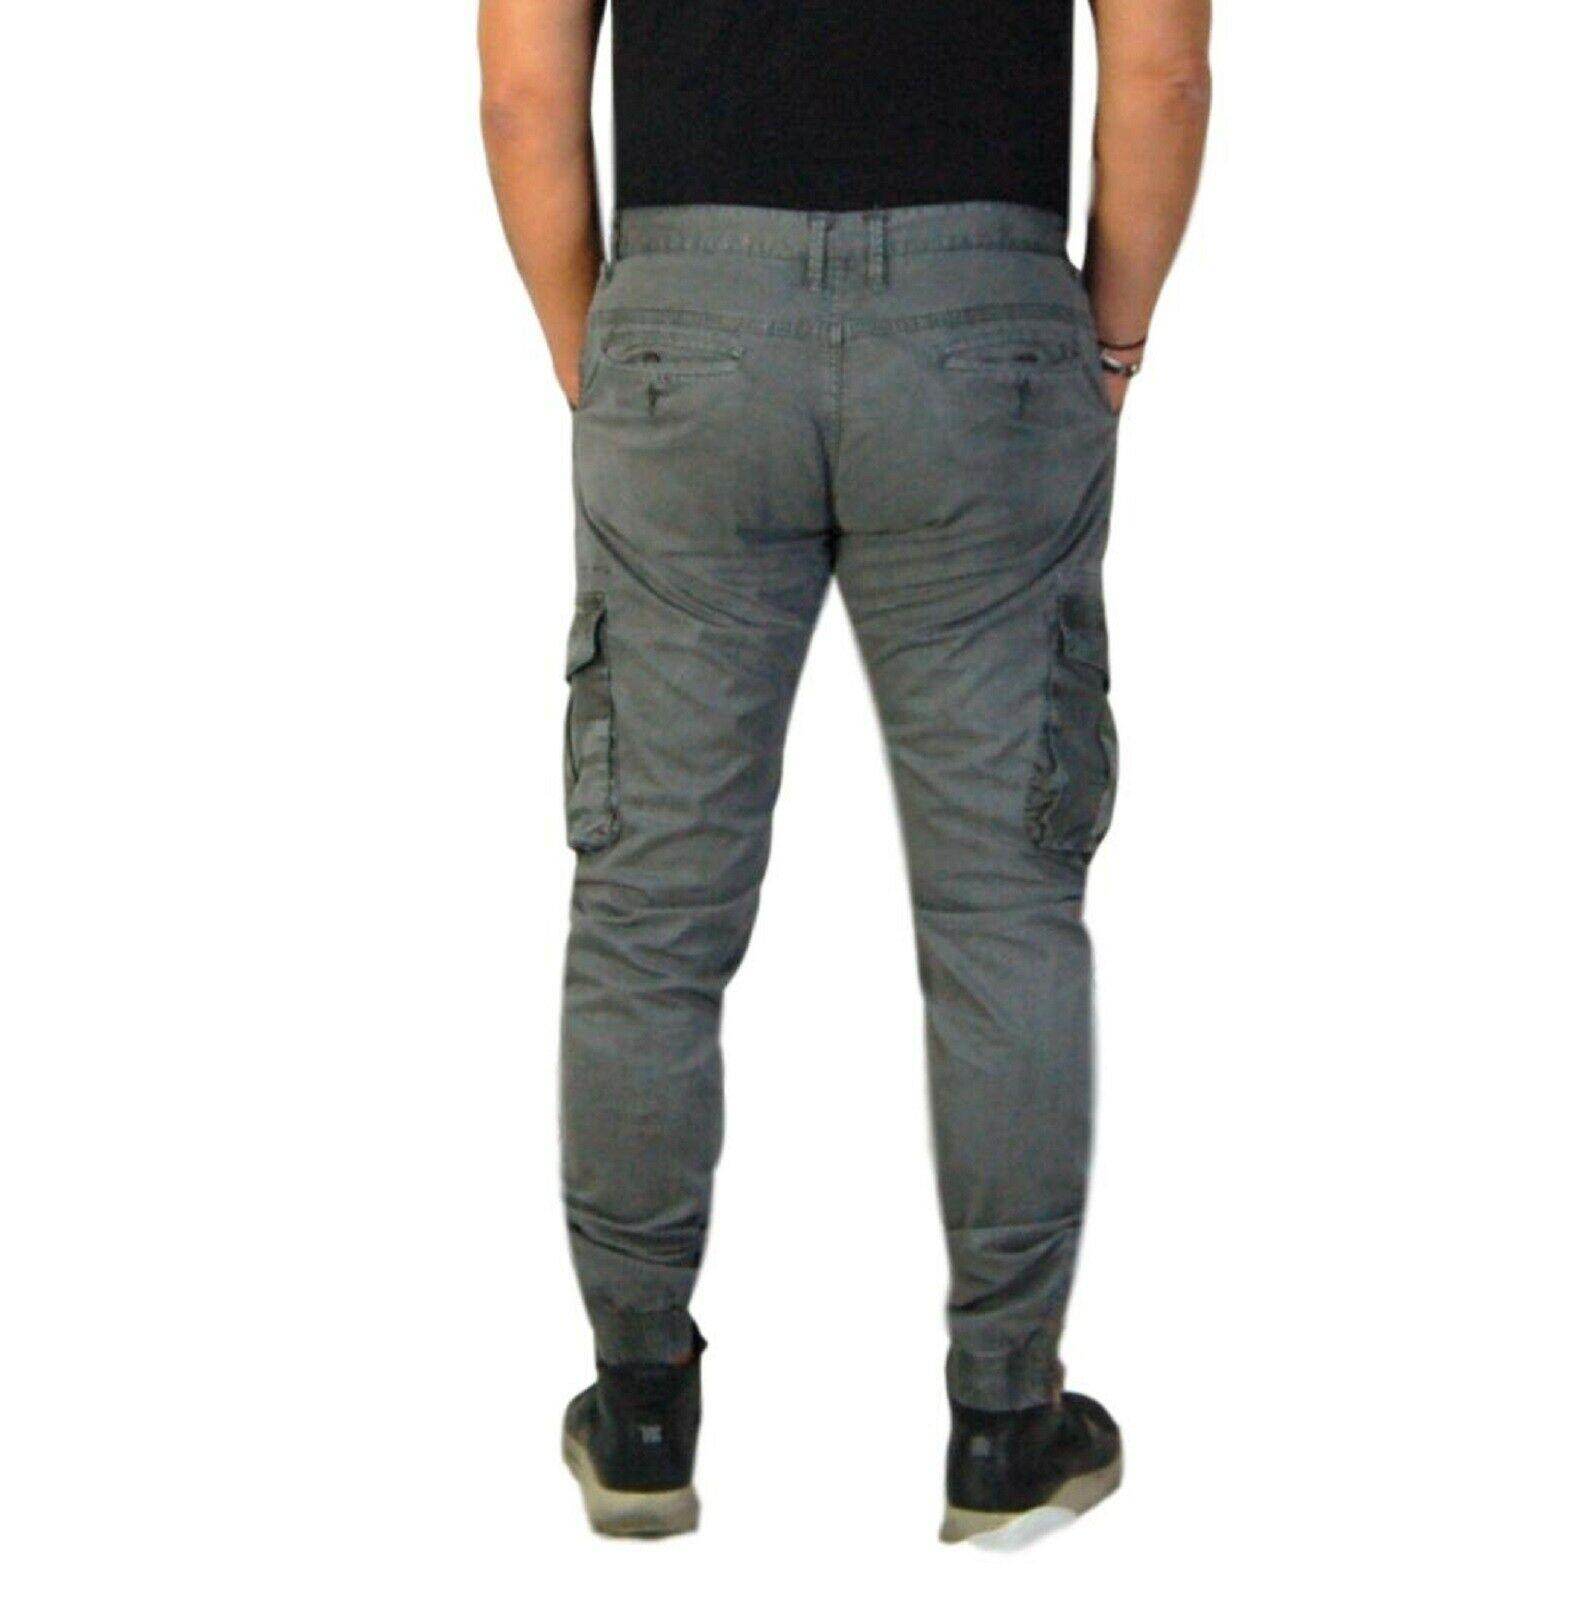 Pantalone-Uomo-Casual-Cargo-Con-Tasconi-Laterali-Mimetici-Multi-Tasche-Cotone-Ve miniatura 8